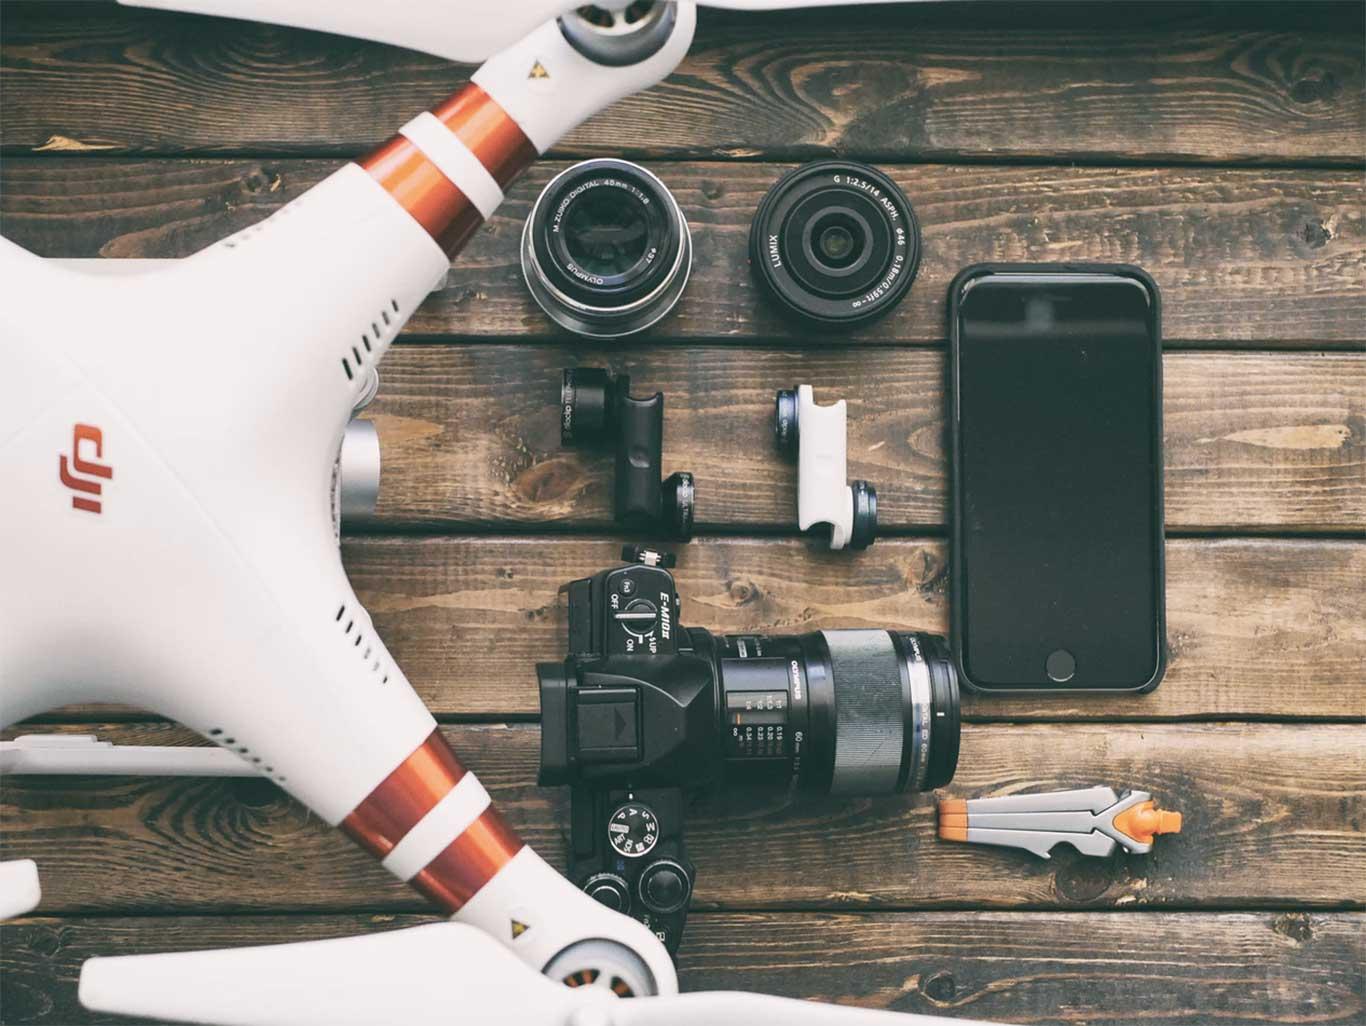 Drone, kamera og mobiltelefon på en bænk set oppe fra